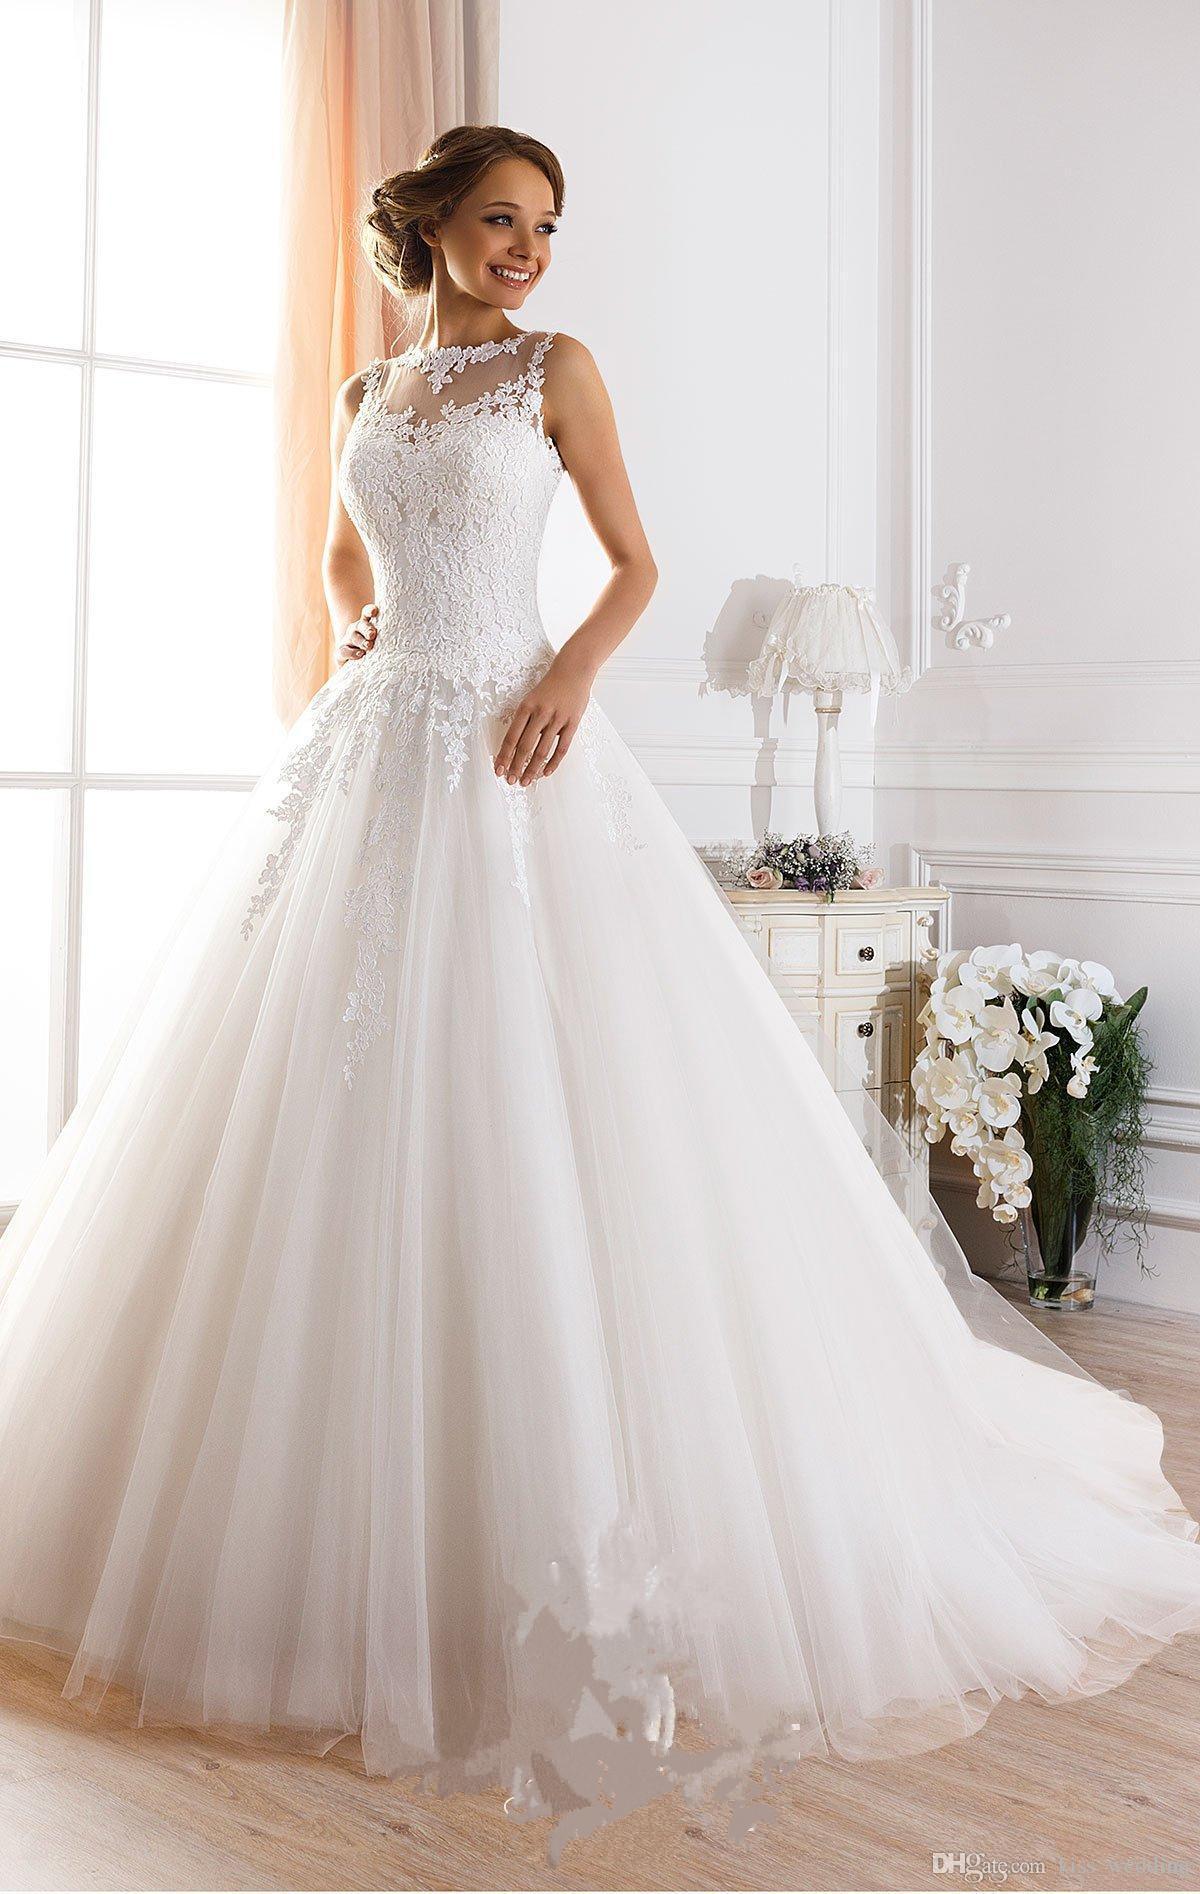 Großhandel Illusion Zurück Sexy Brautkleider Stehkragen Ärmelloses  Brautkleid Für Braut Bedeckte Knöpfe Spitze Hochzeitskleid Appliqued Von